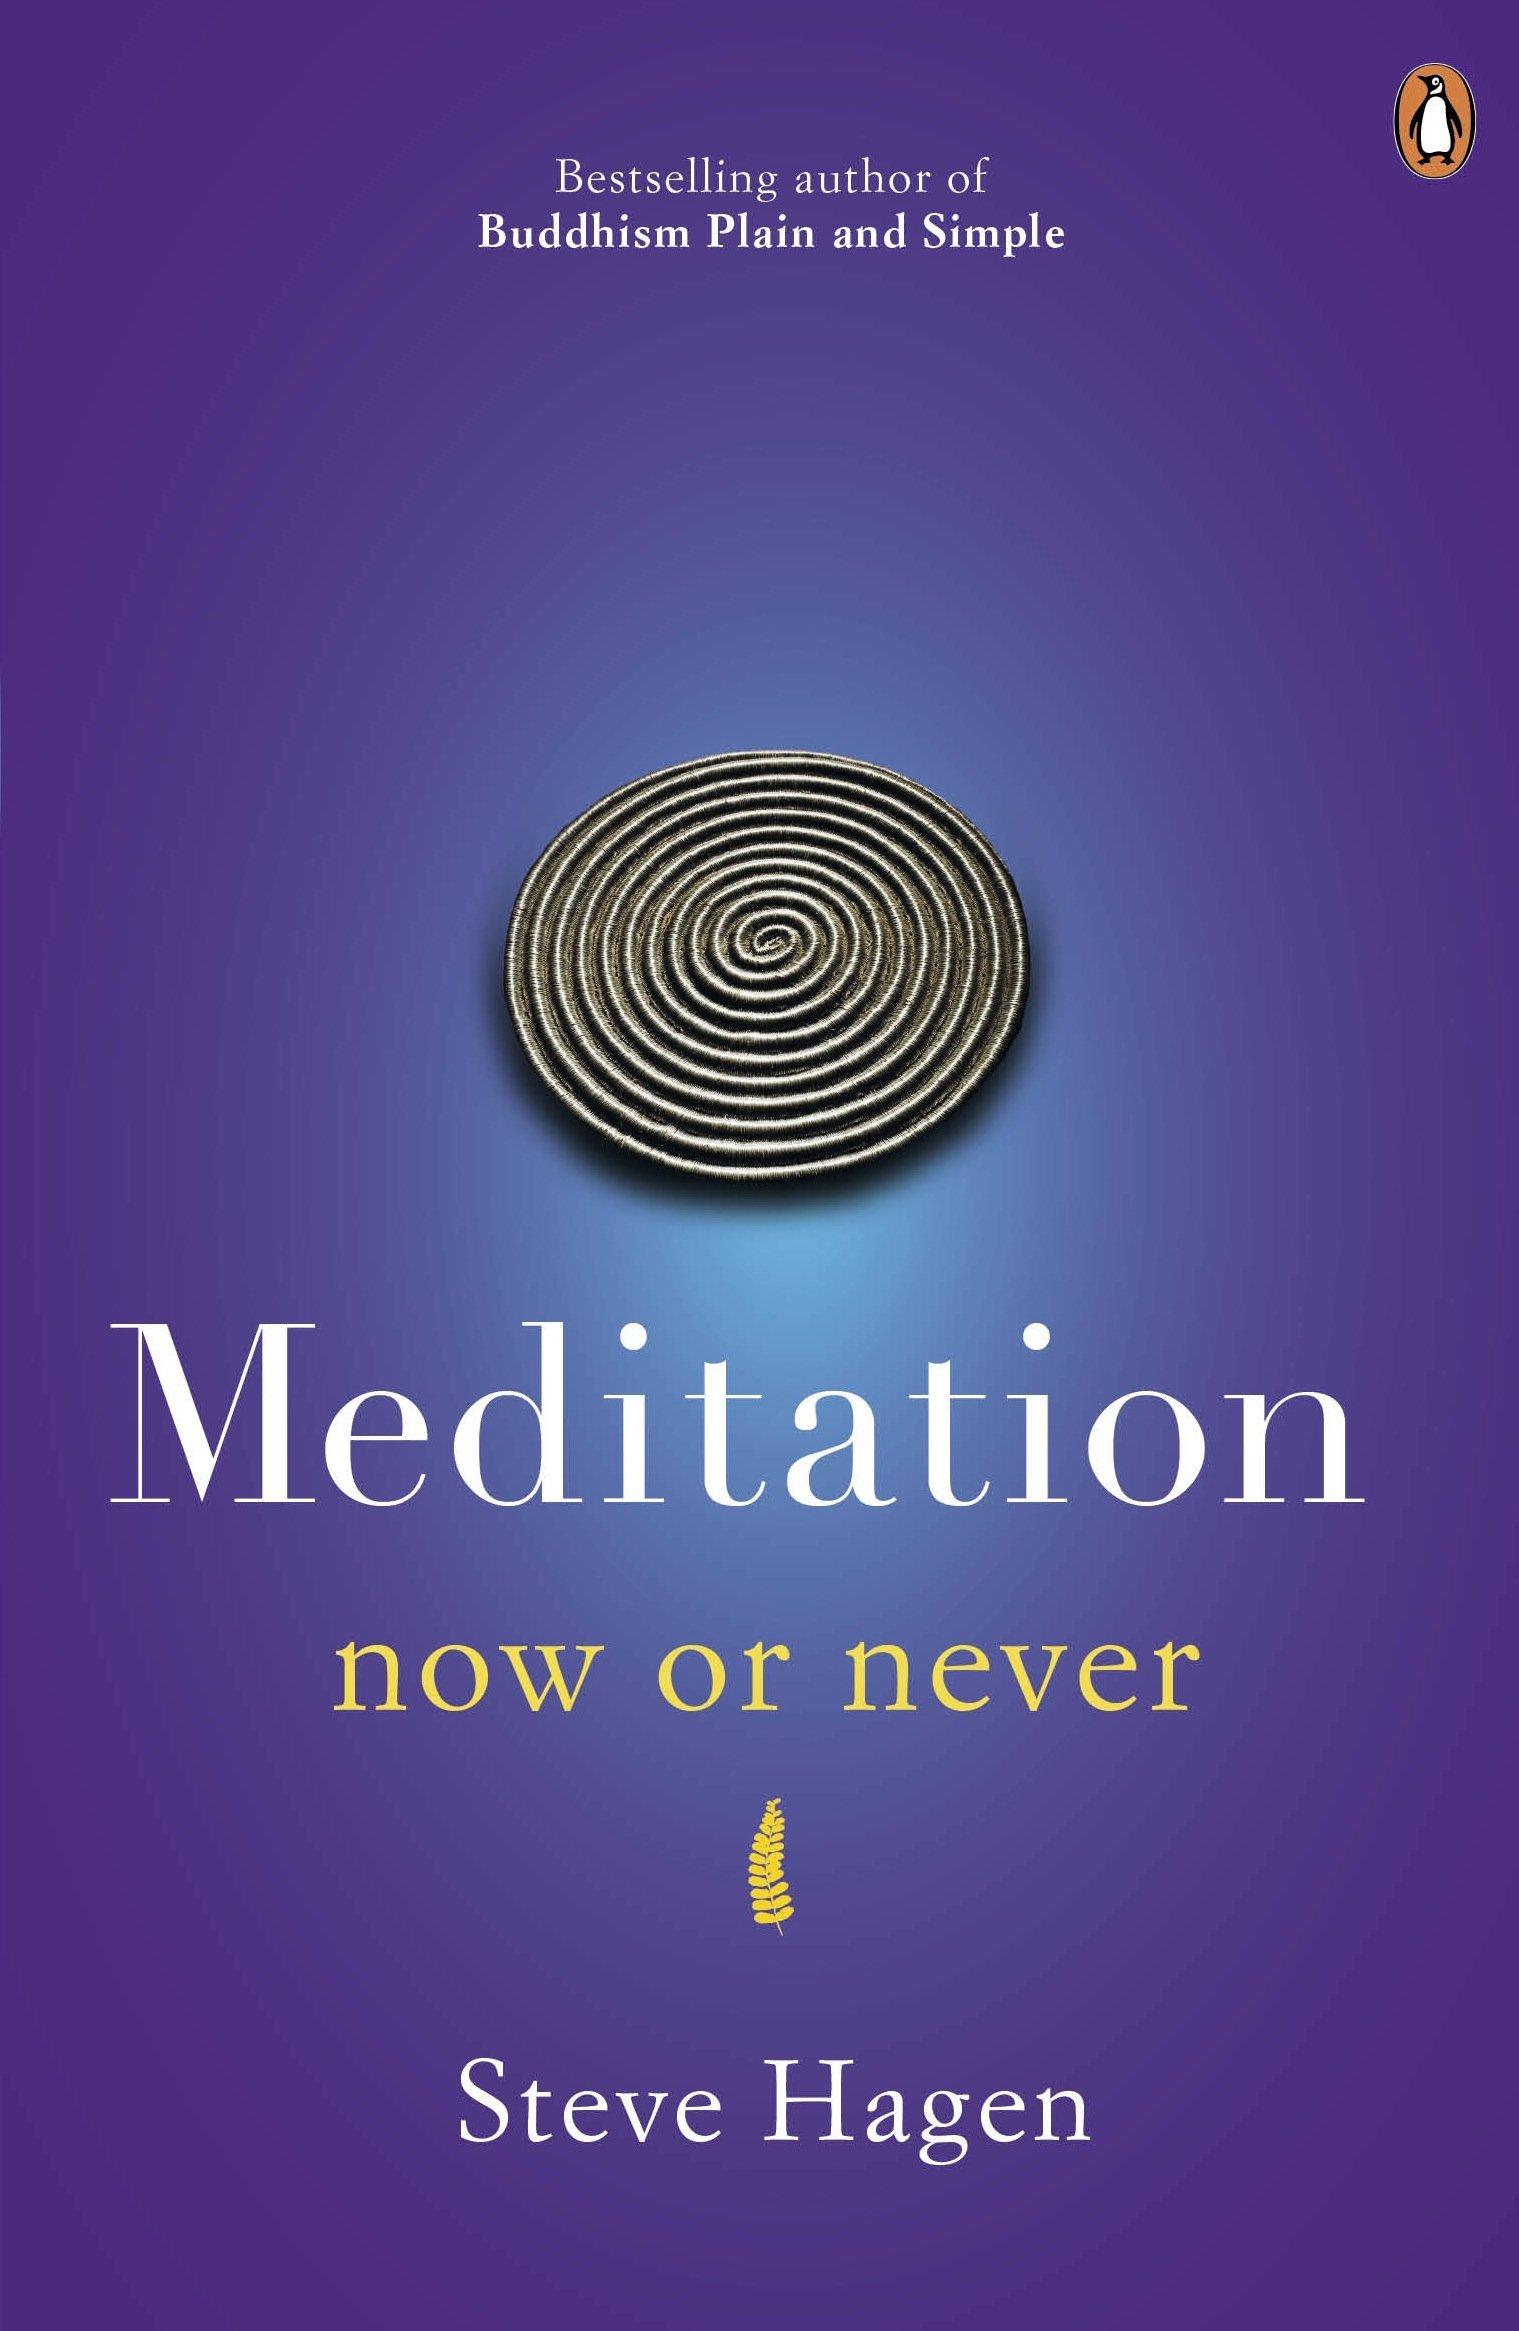 Meditation now or never amazon co uk steve hagen 9780718193041 books